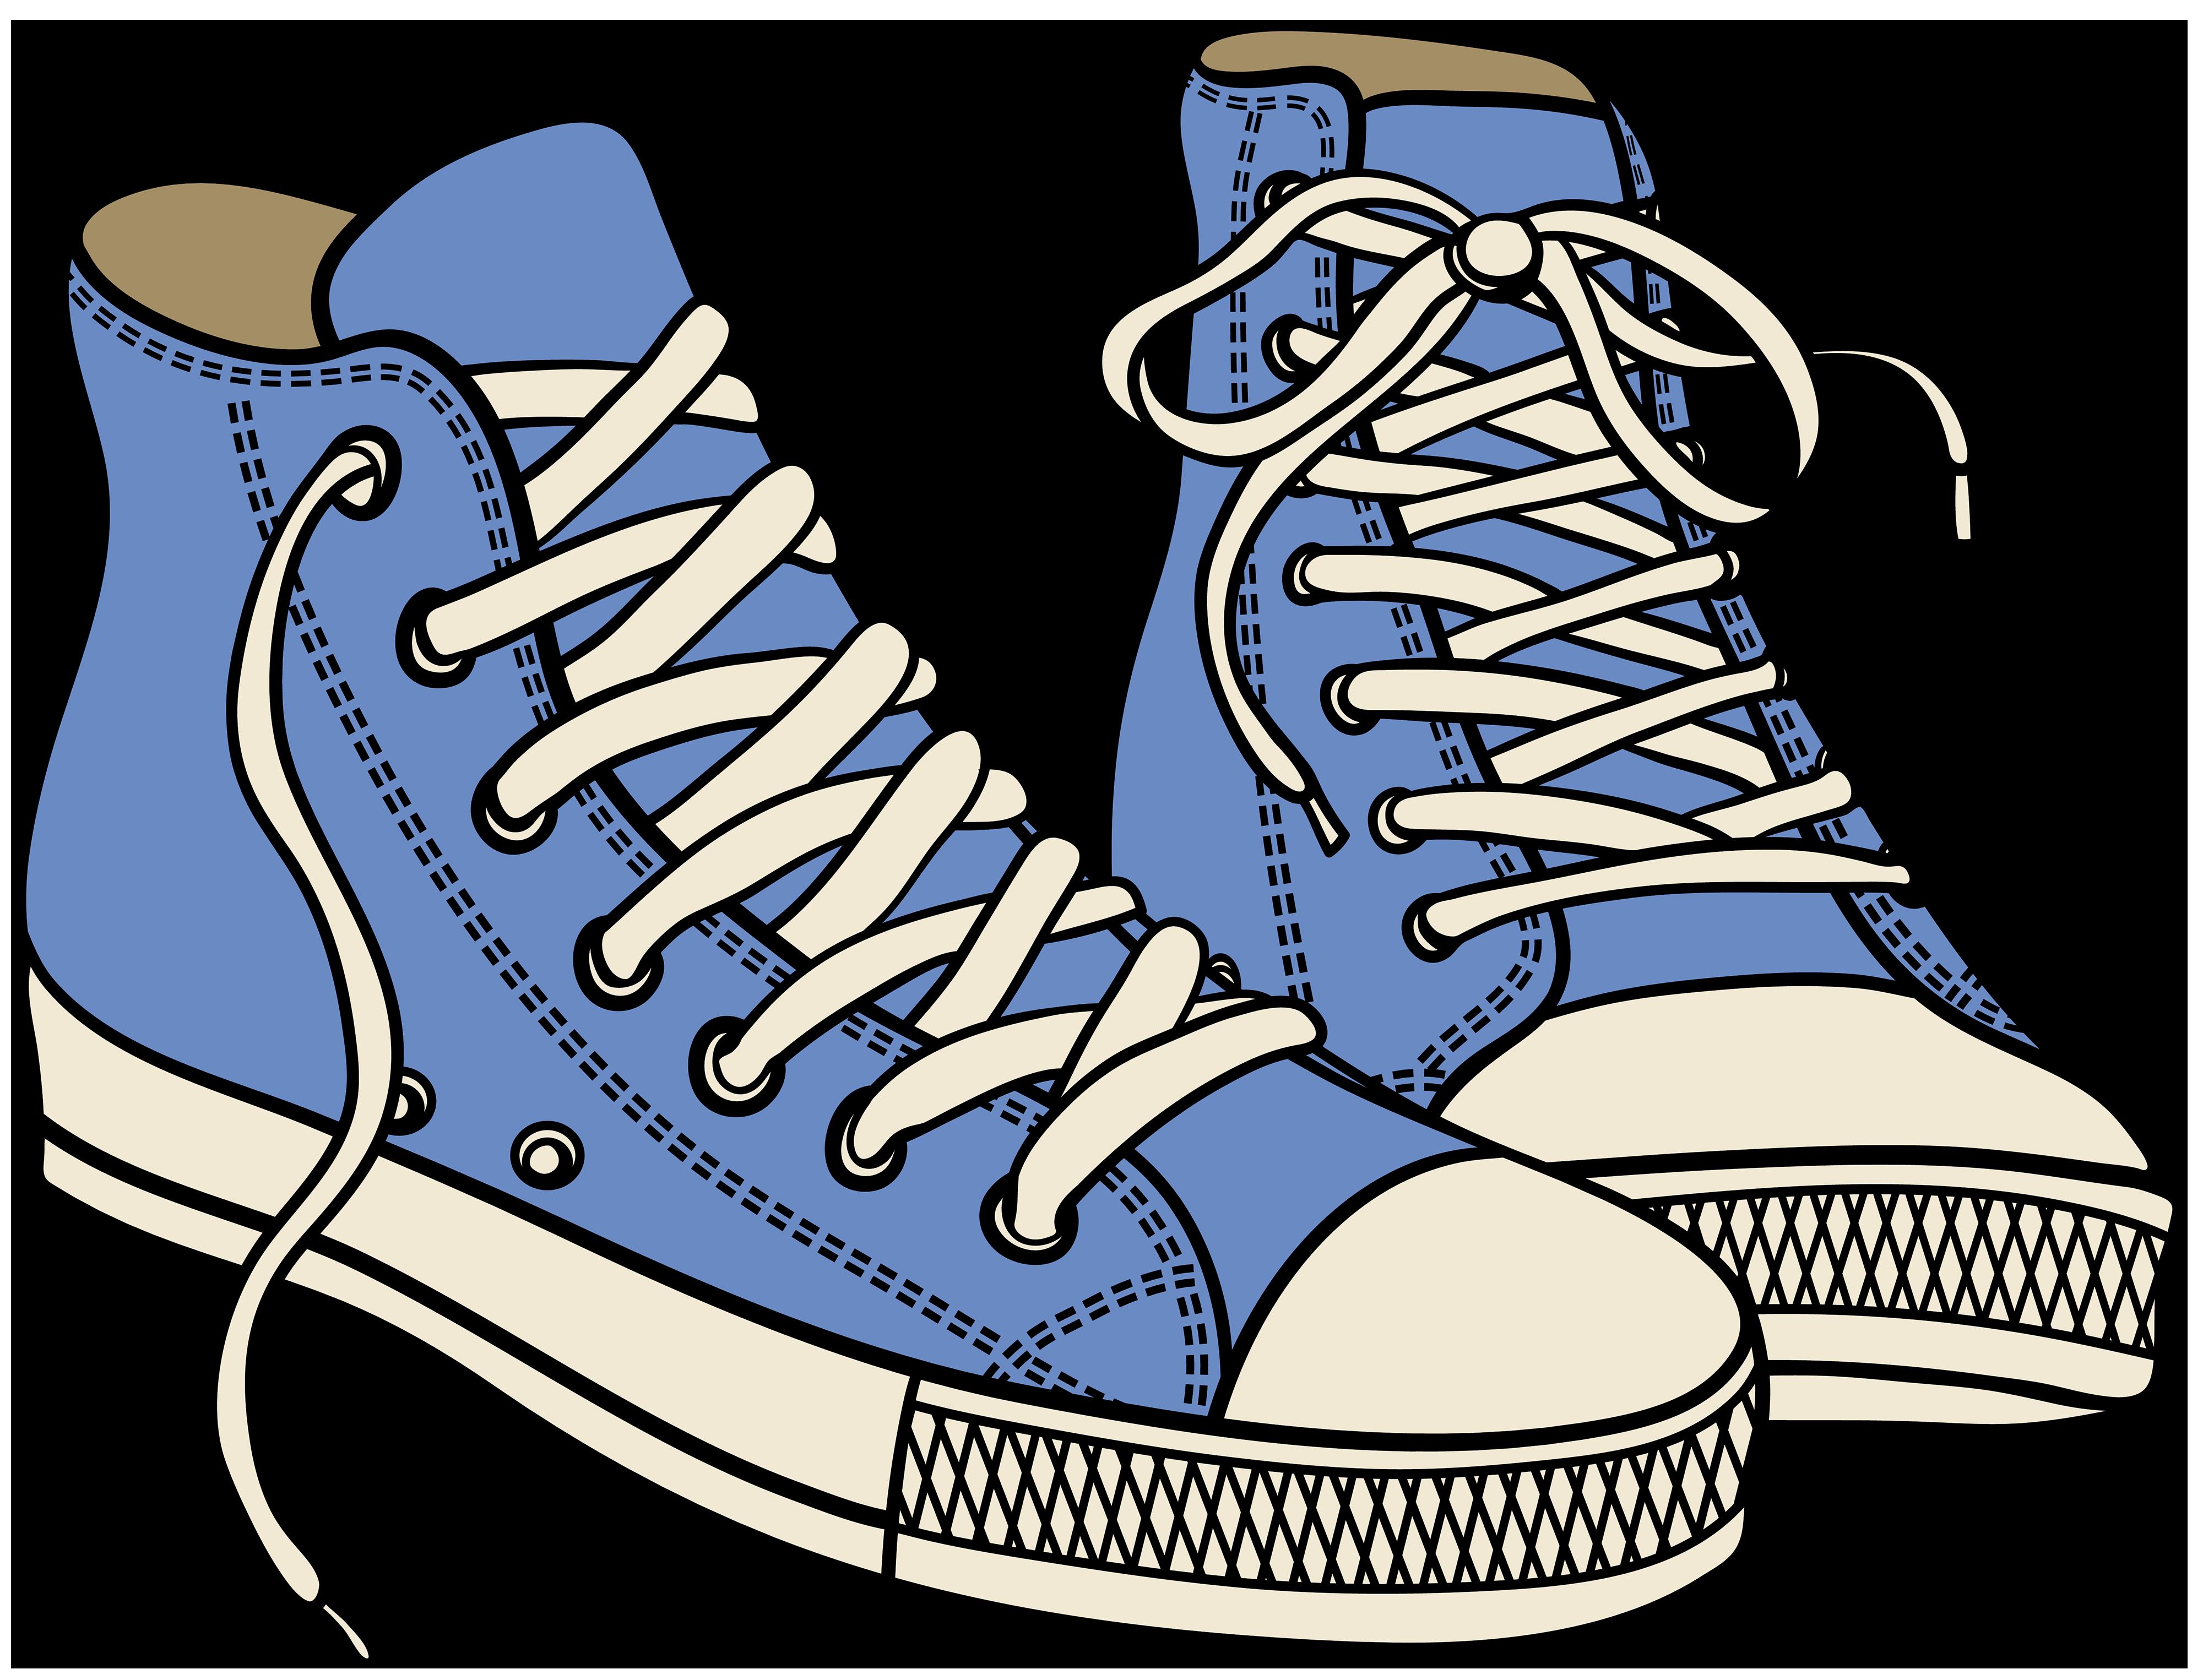 Clip Art Shoes u0026amp; Clip Art Shoes -Clip Art Shoes u0026amp; Clip Art Shoes Clip Art Images - ClipartALL clipartall.com-6